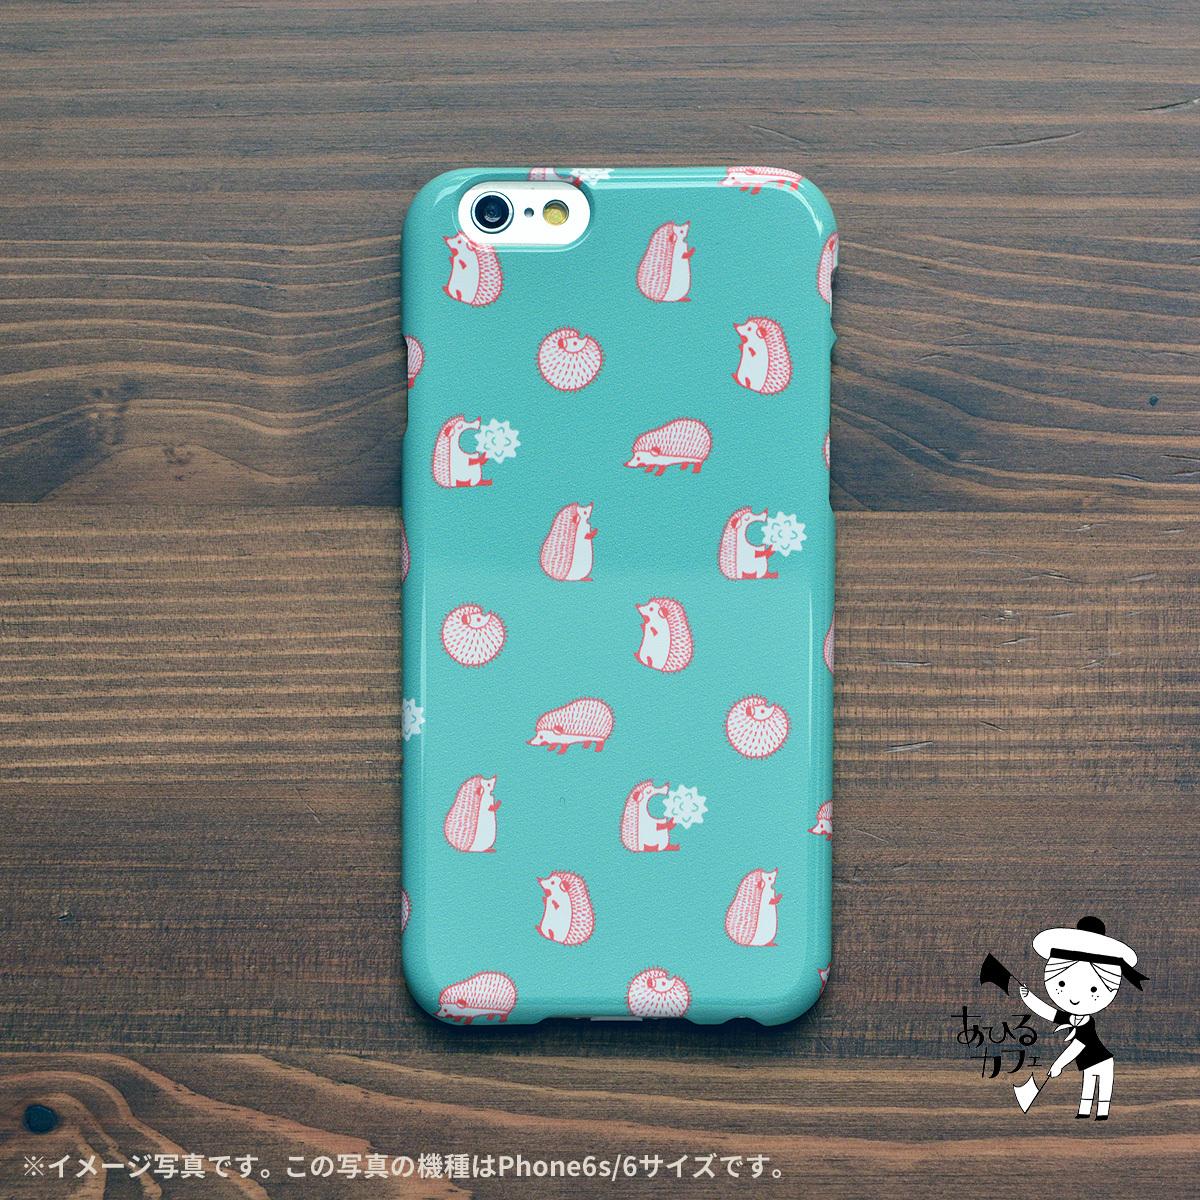 アイフォンケース se iphone se ケース 5s iphoneケース iphonese かわいい はりねずみ ハリネズミ/あひるカフェ